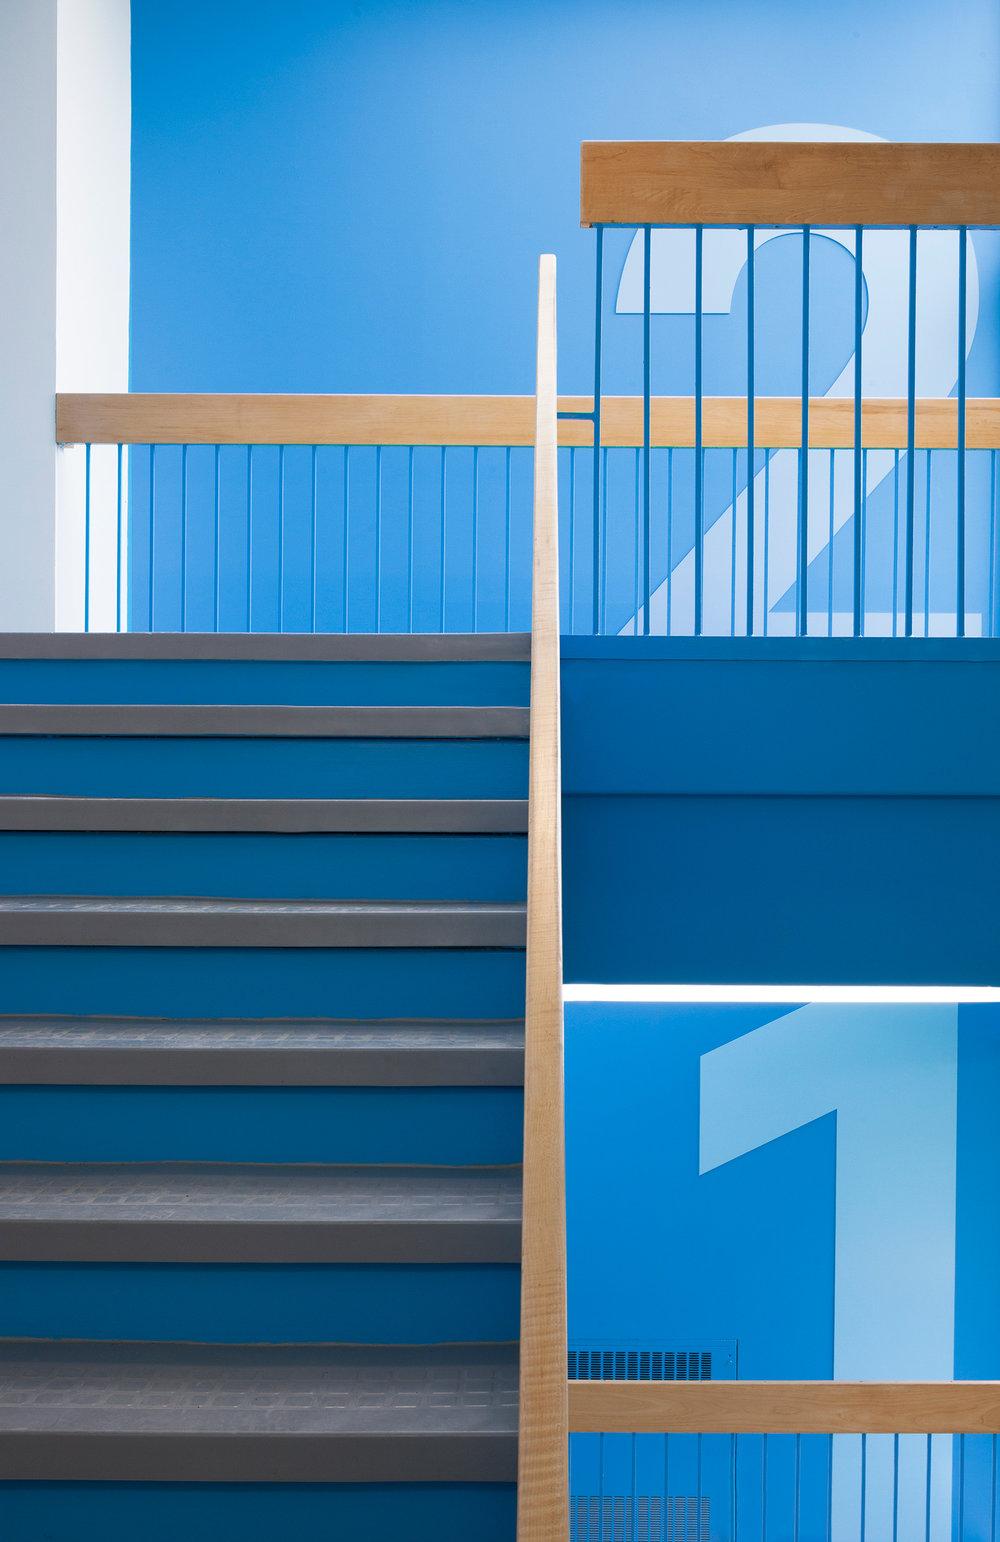 Marianne-Girard_Taktik_Academie-Sainte-Anne-escalier.jpg